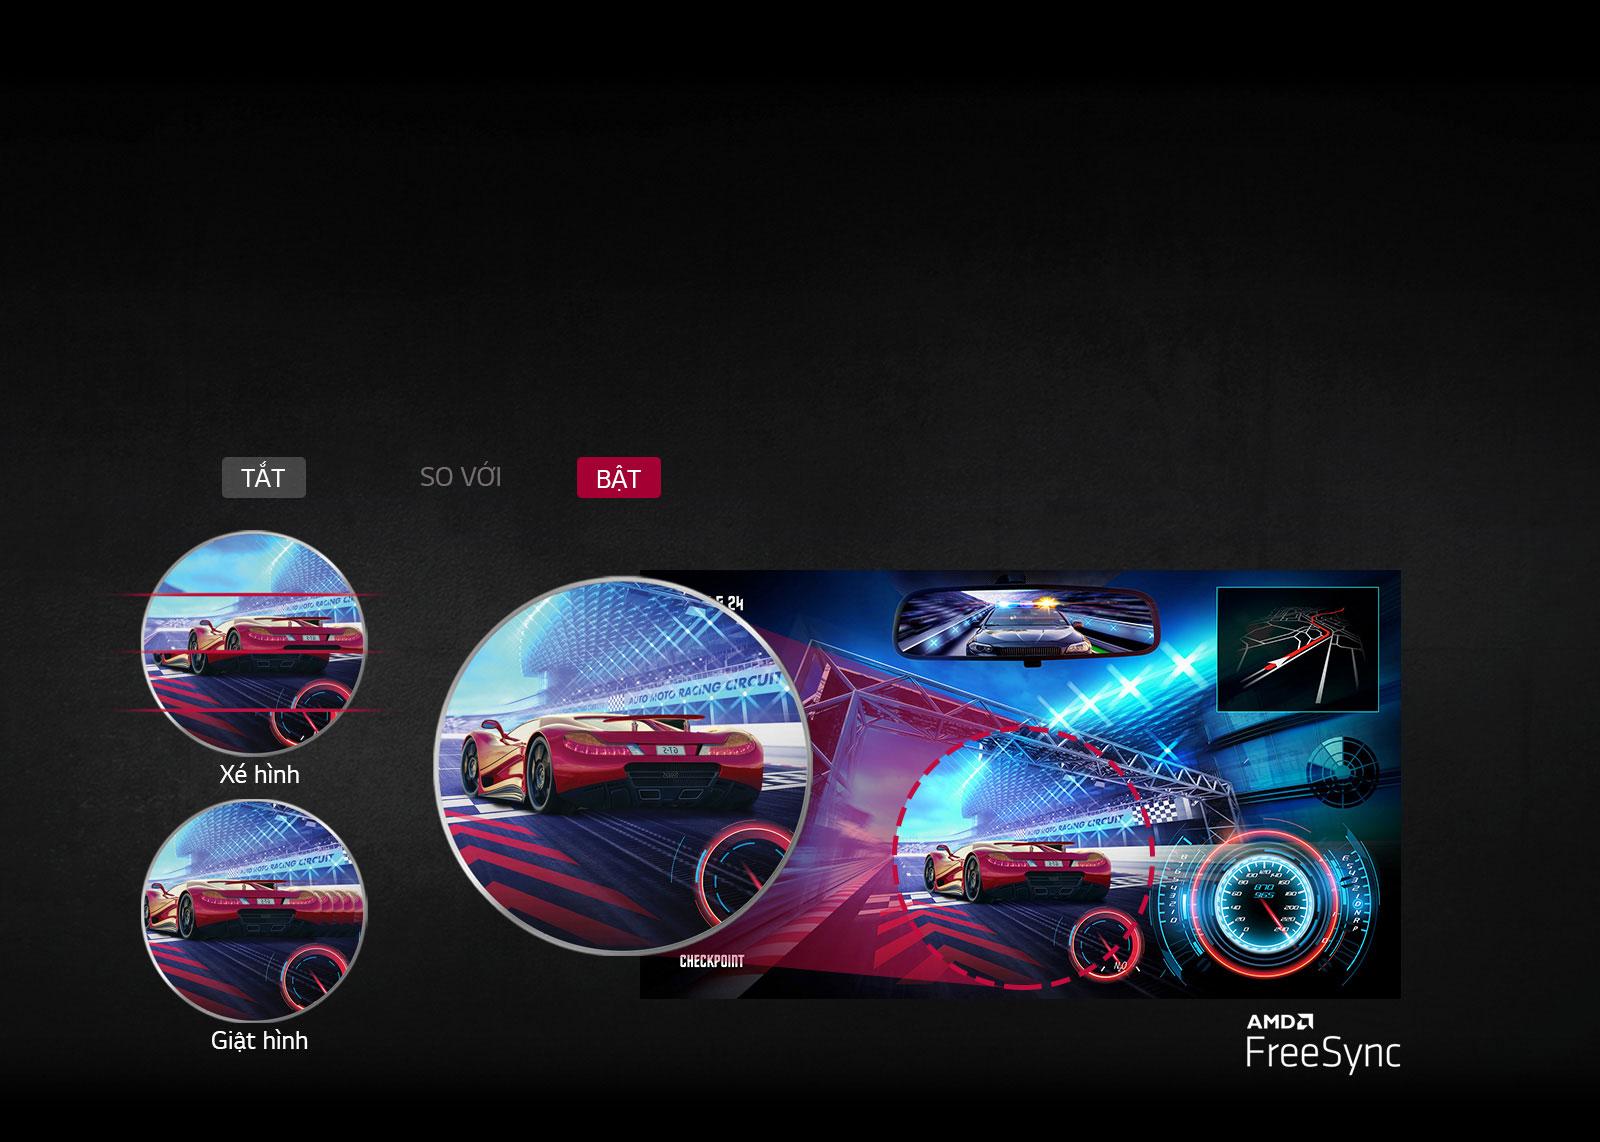 AMD FreeSync™: Hình ảnh mượt mà, rõ ràng hơn